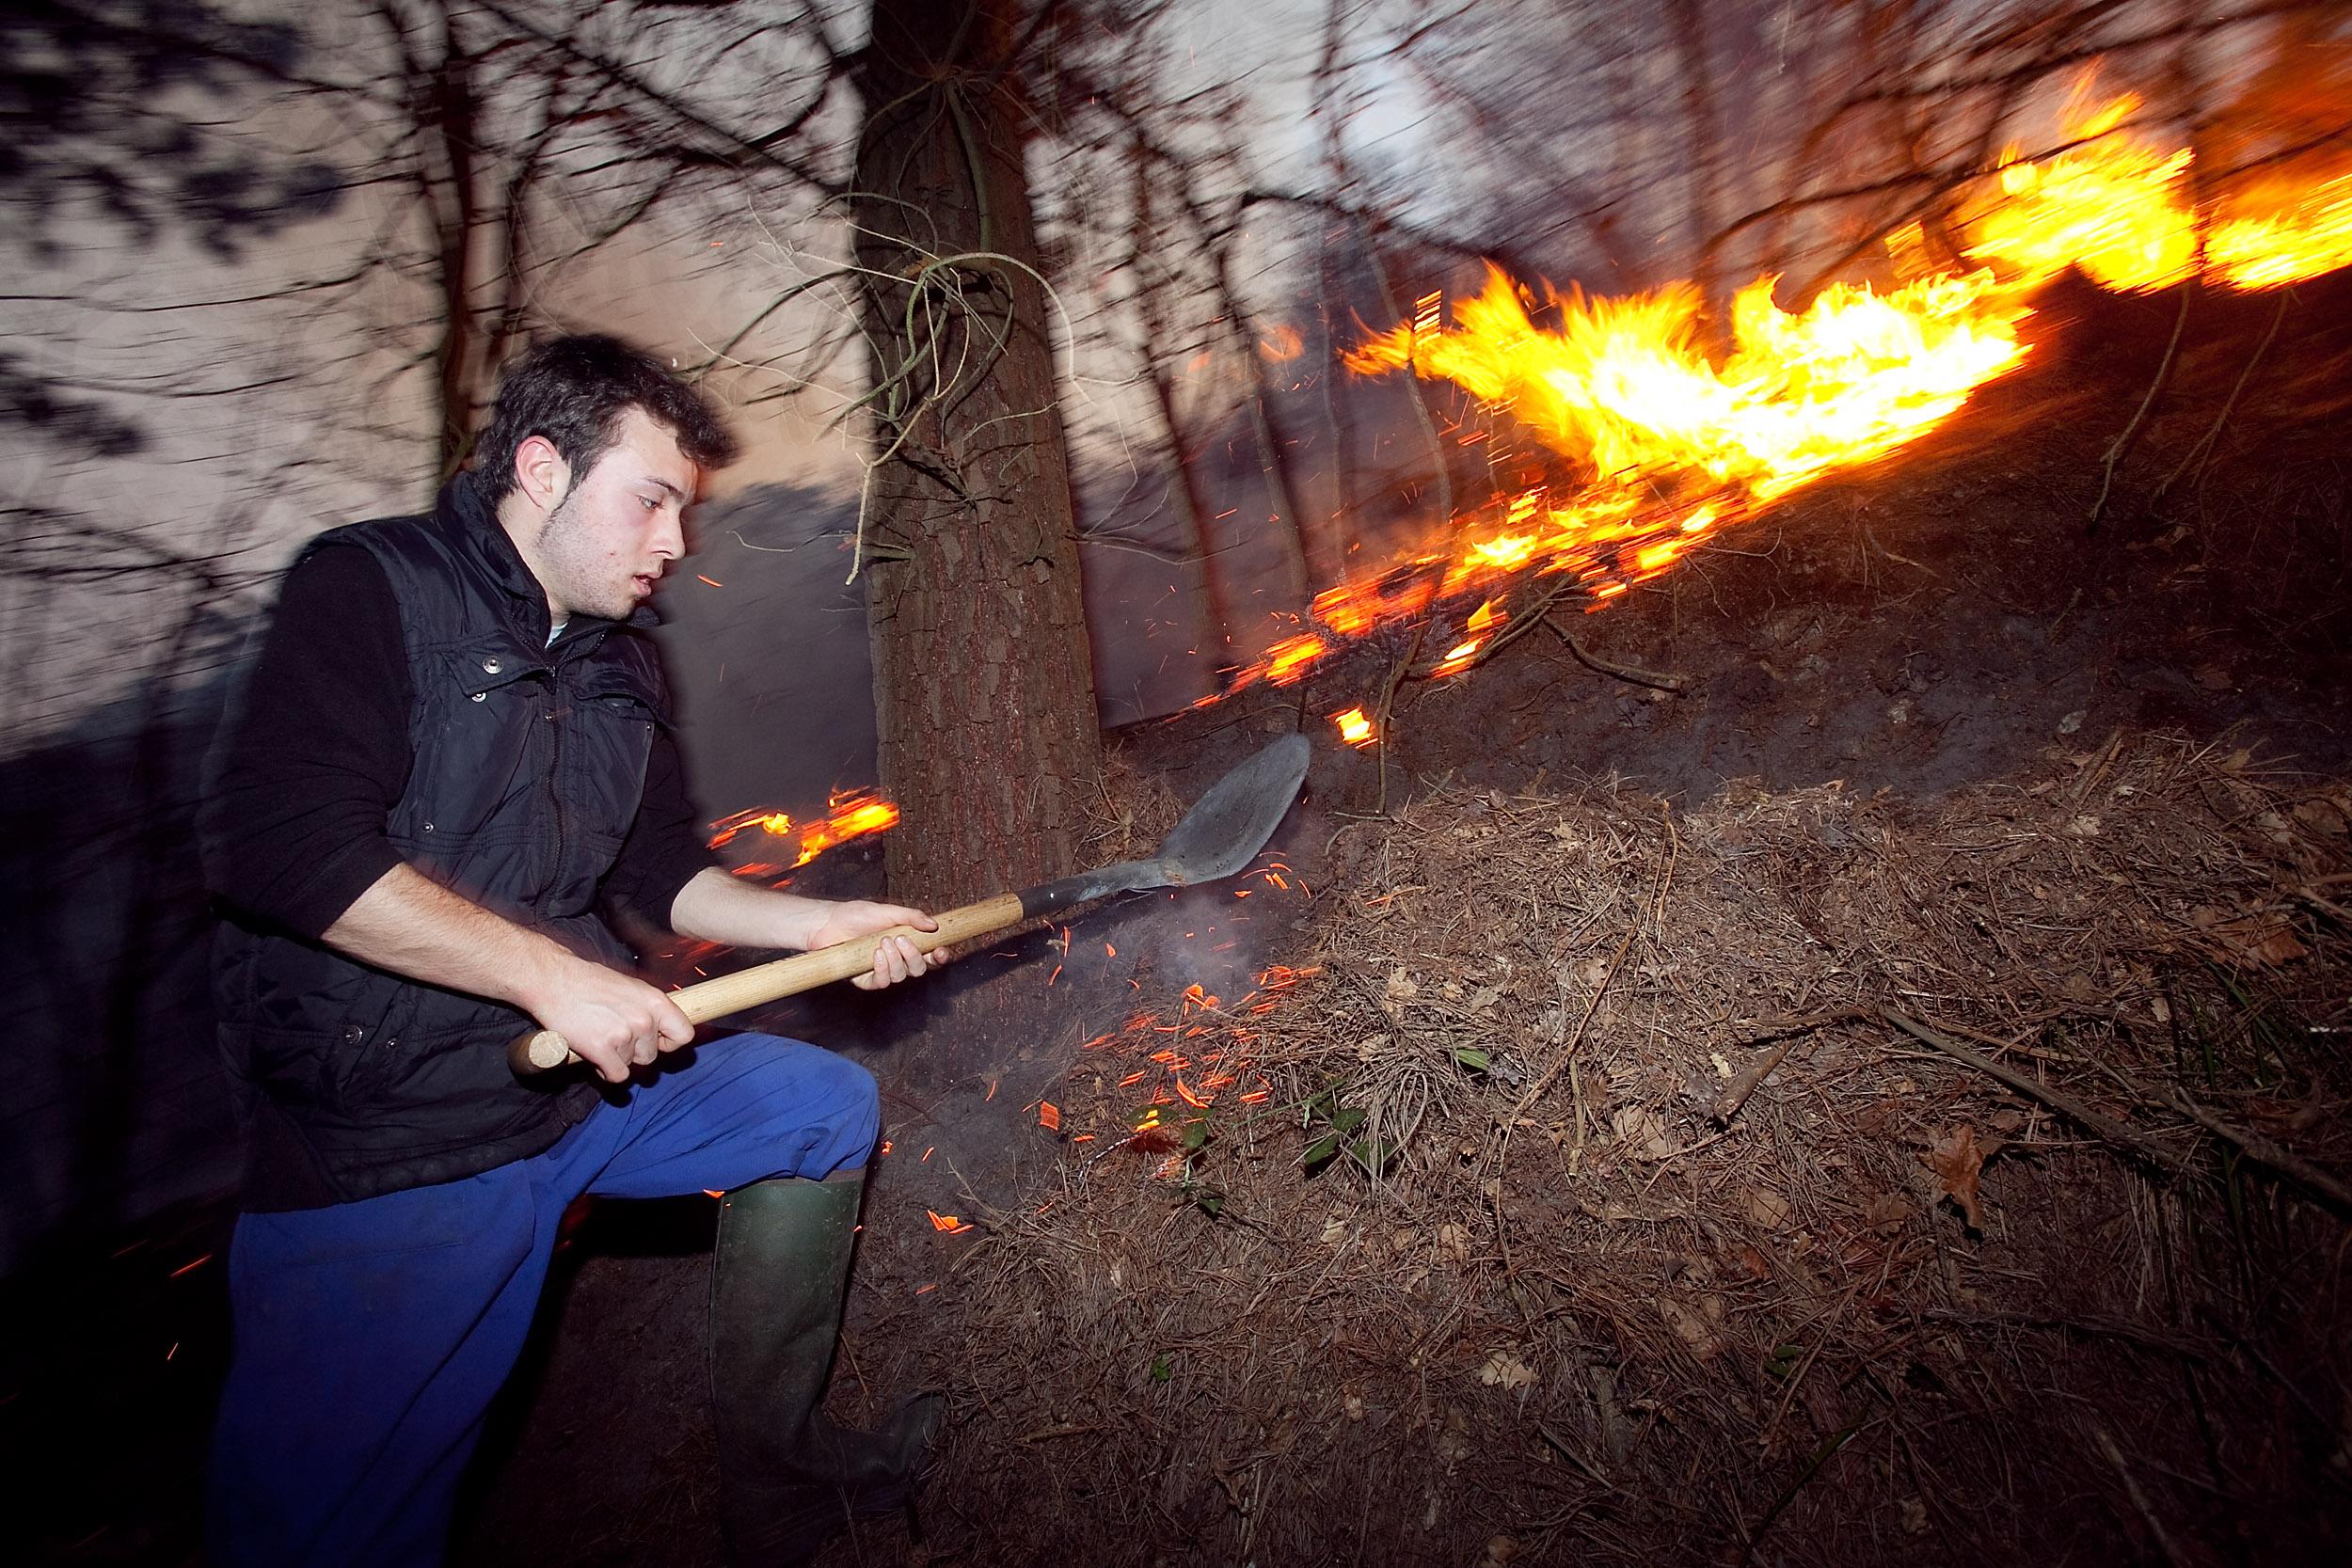 Un vecino del Rañadorio (Tineo) intenta sofocar las llamas del incendio que lleva activo dos días en el concejo de Tineo. 30 de marzo de 2012. © Miki López/La Nueva España